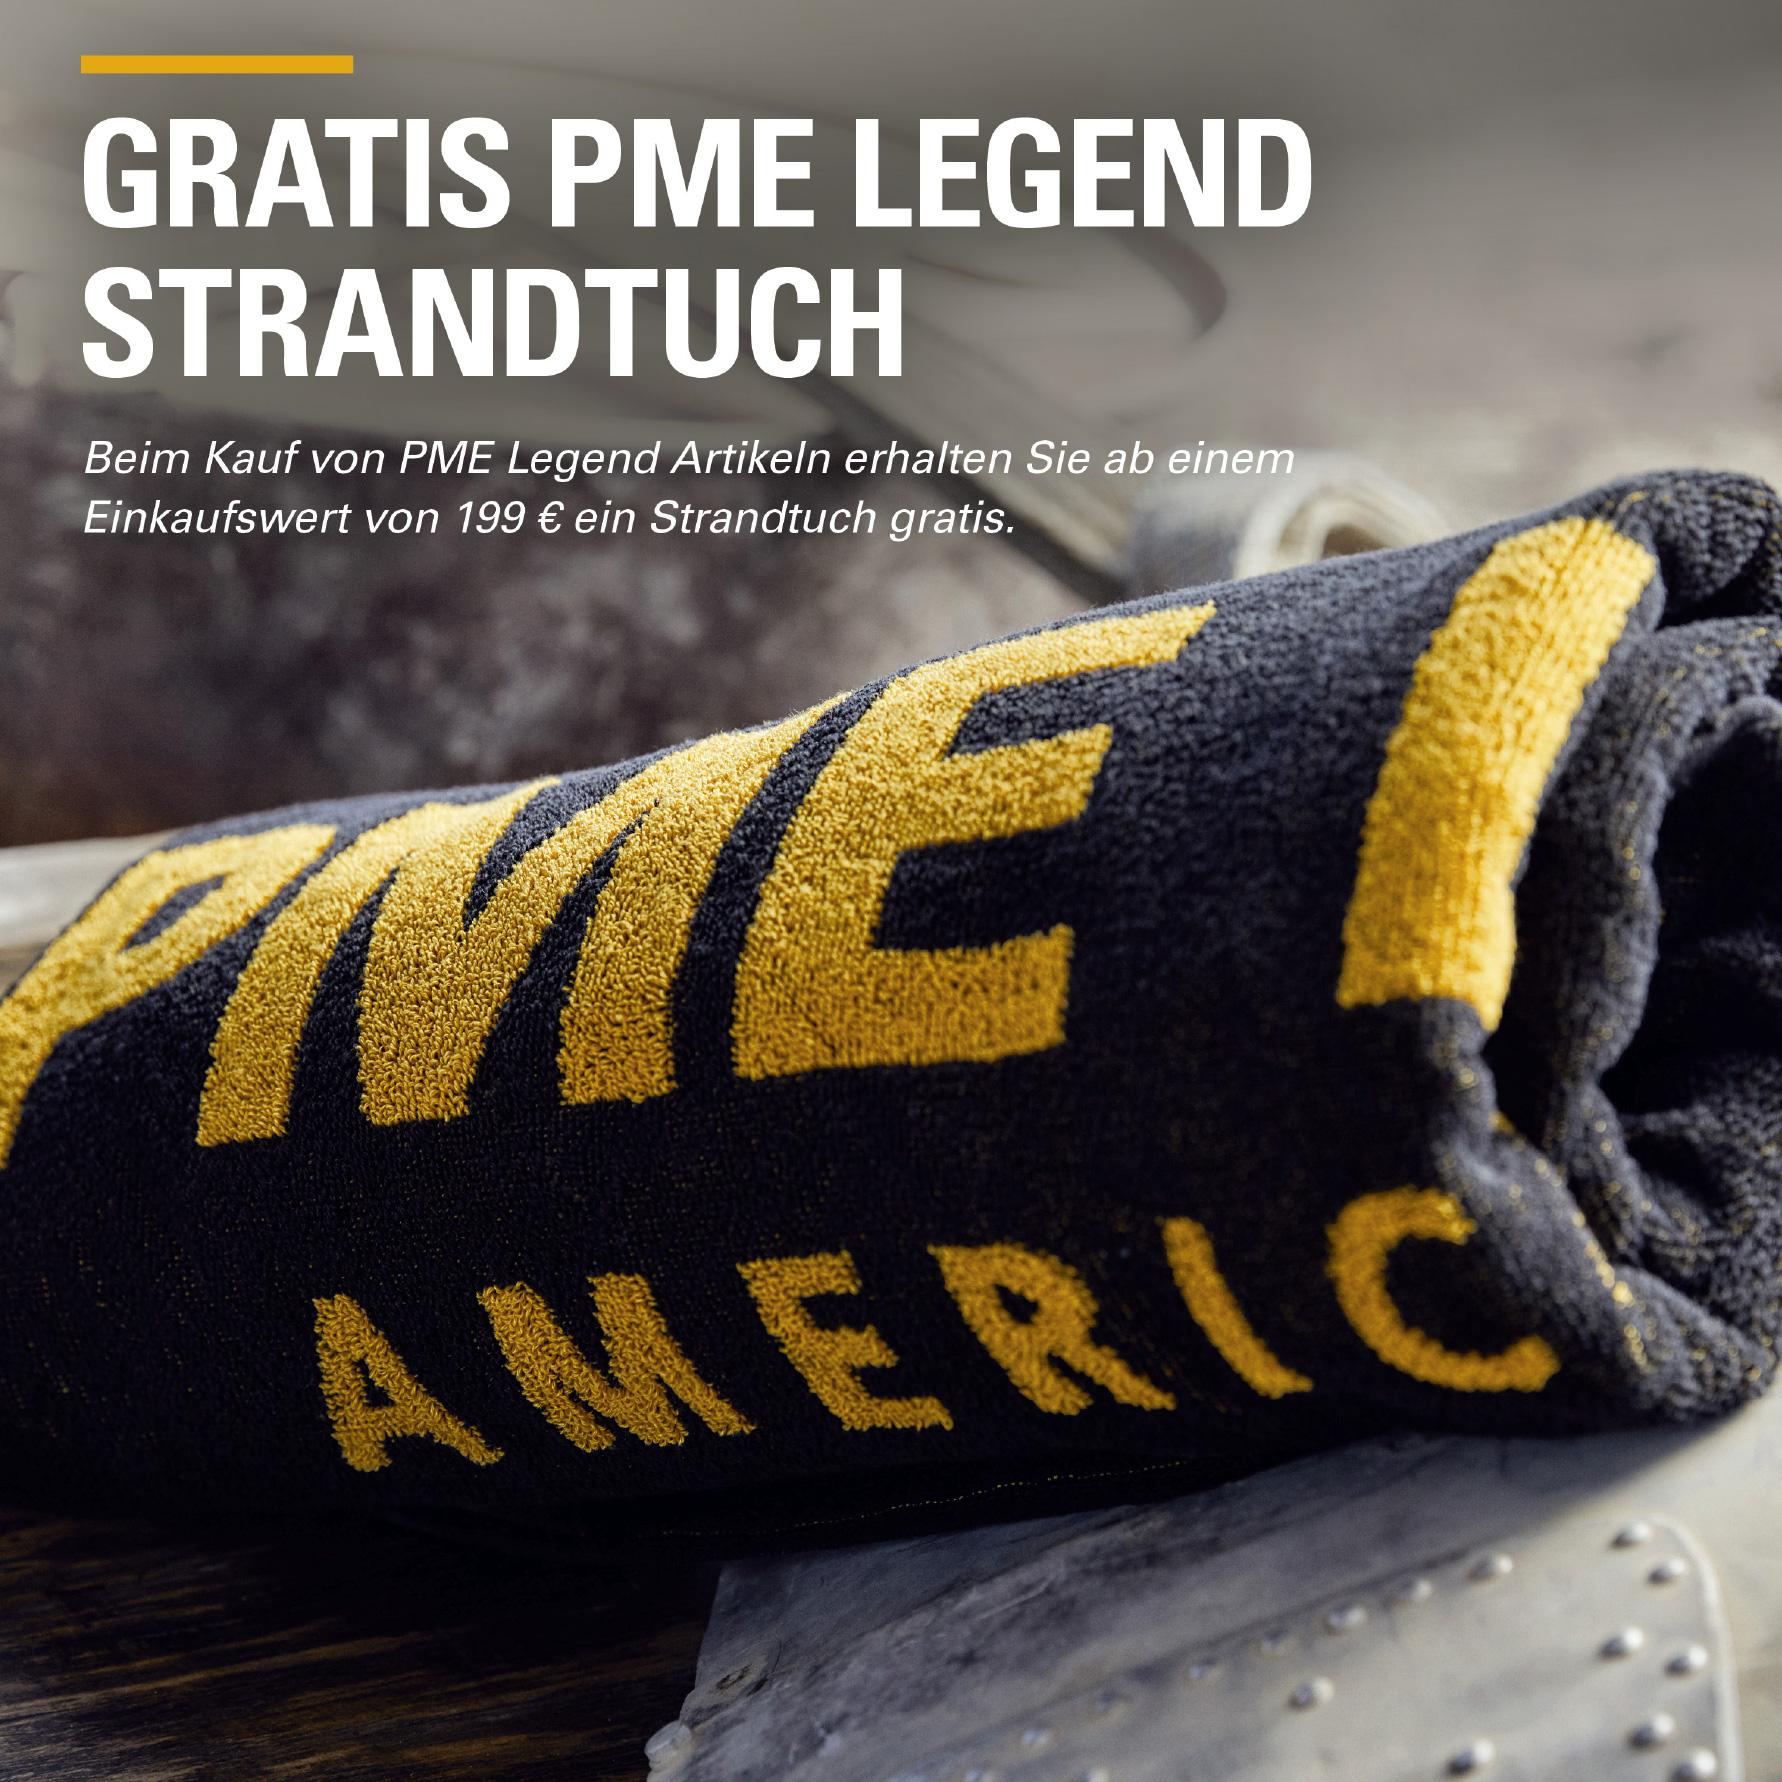 Der Sommer kann kommen PME Legend Strandtuch geschenkt